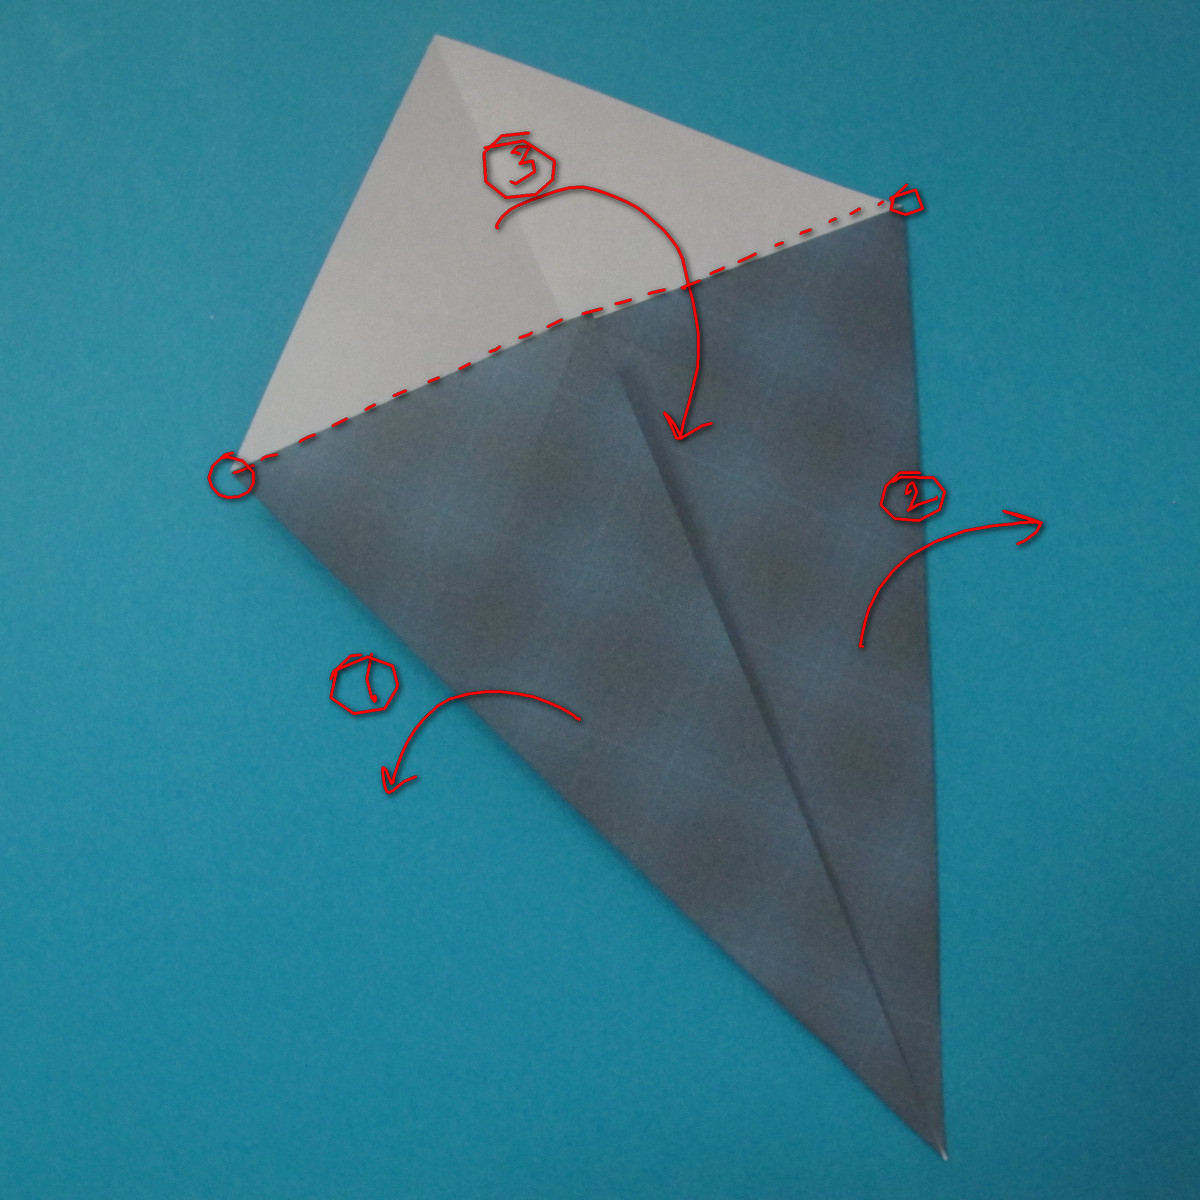 วิธีการพับกระดาษเป็นรูปนกเค้าแมว 003